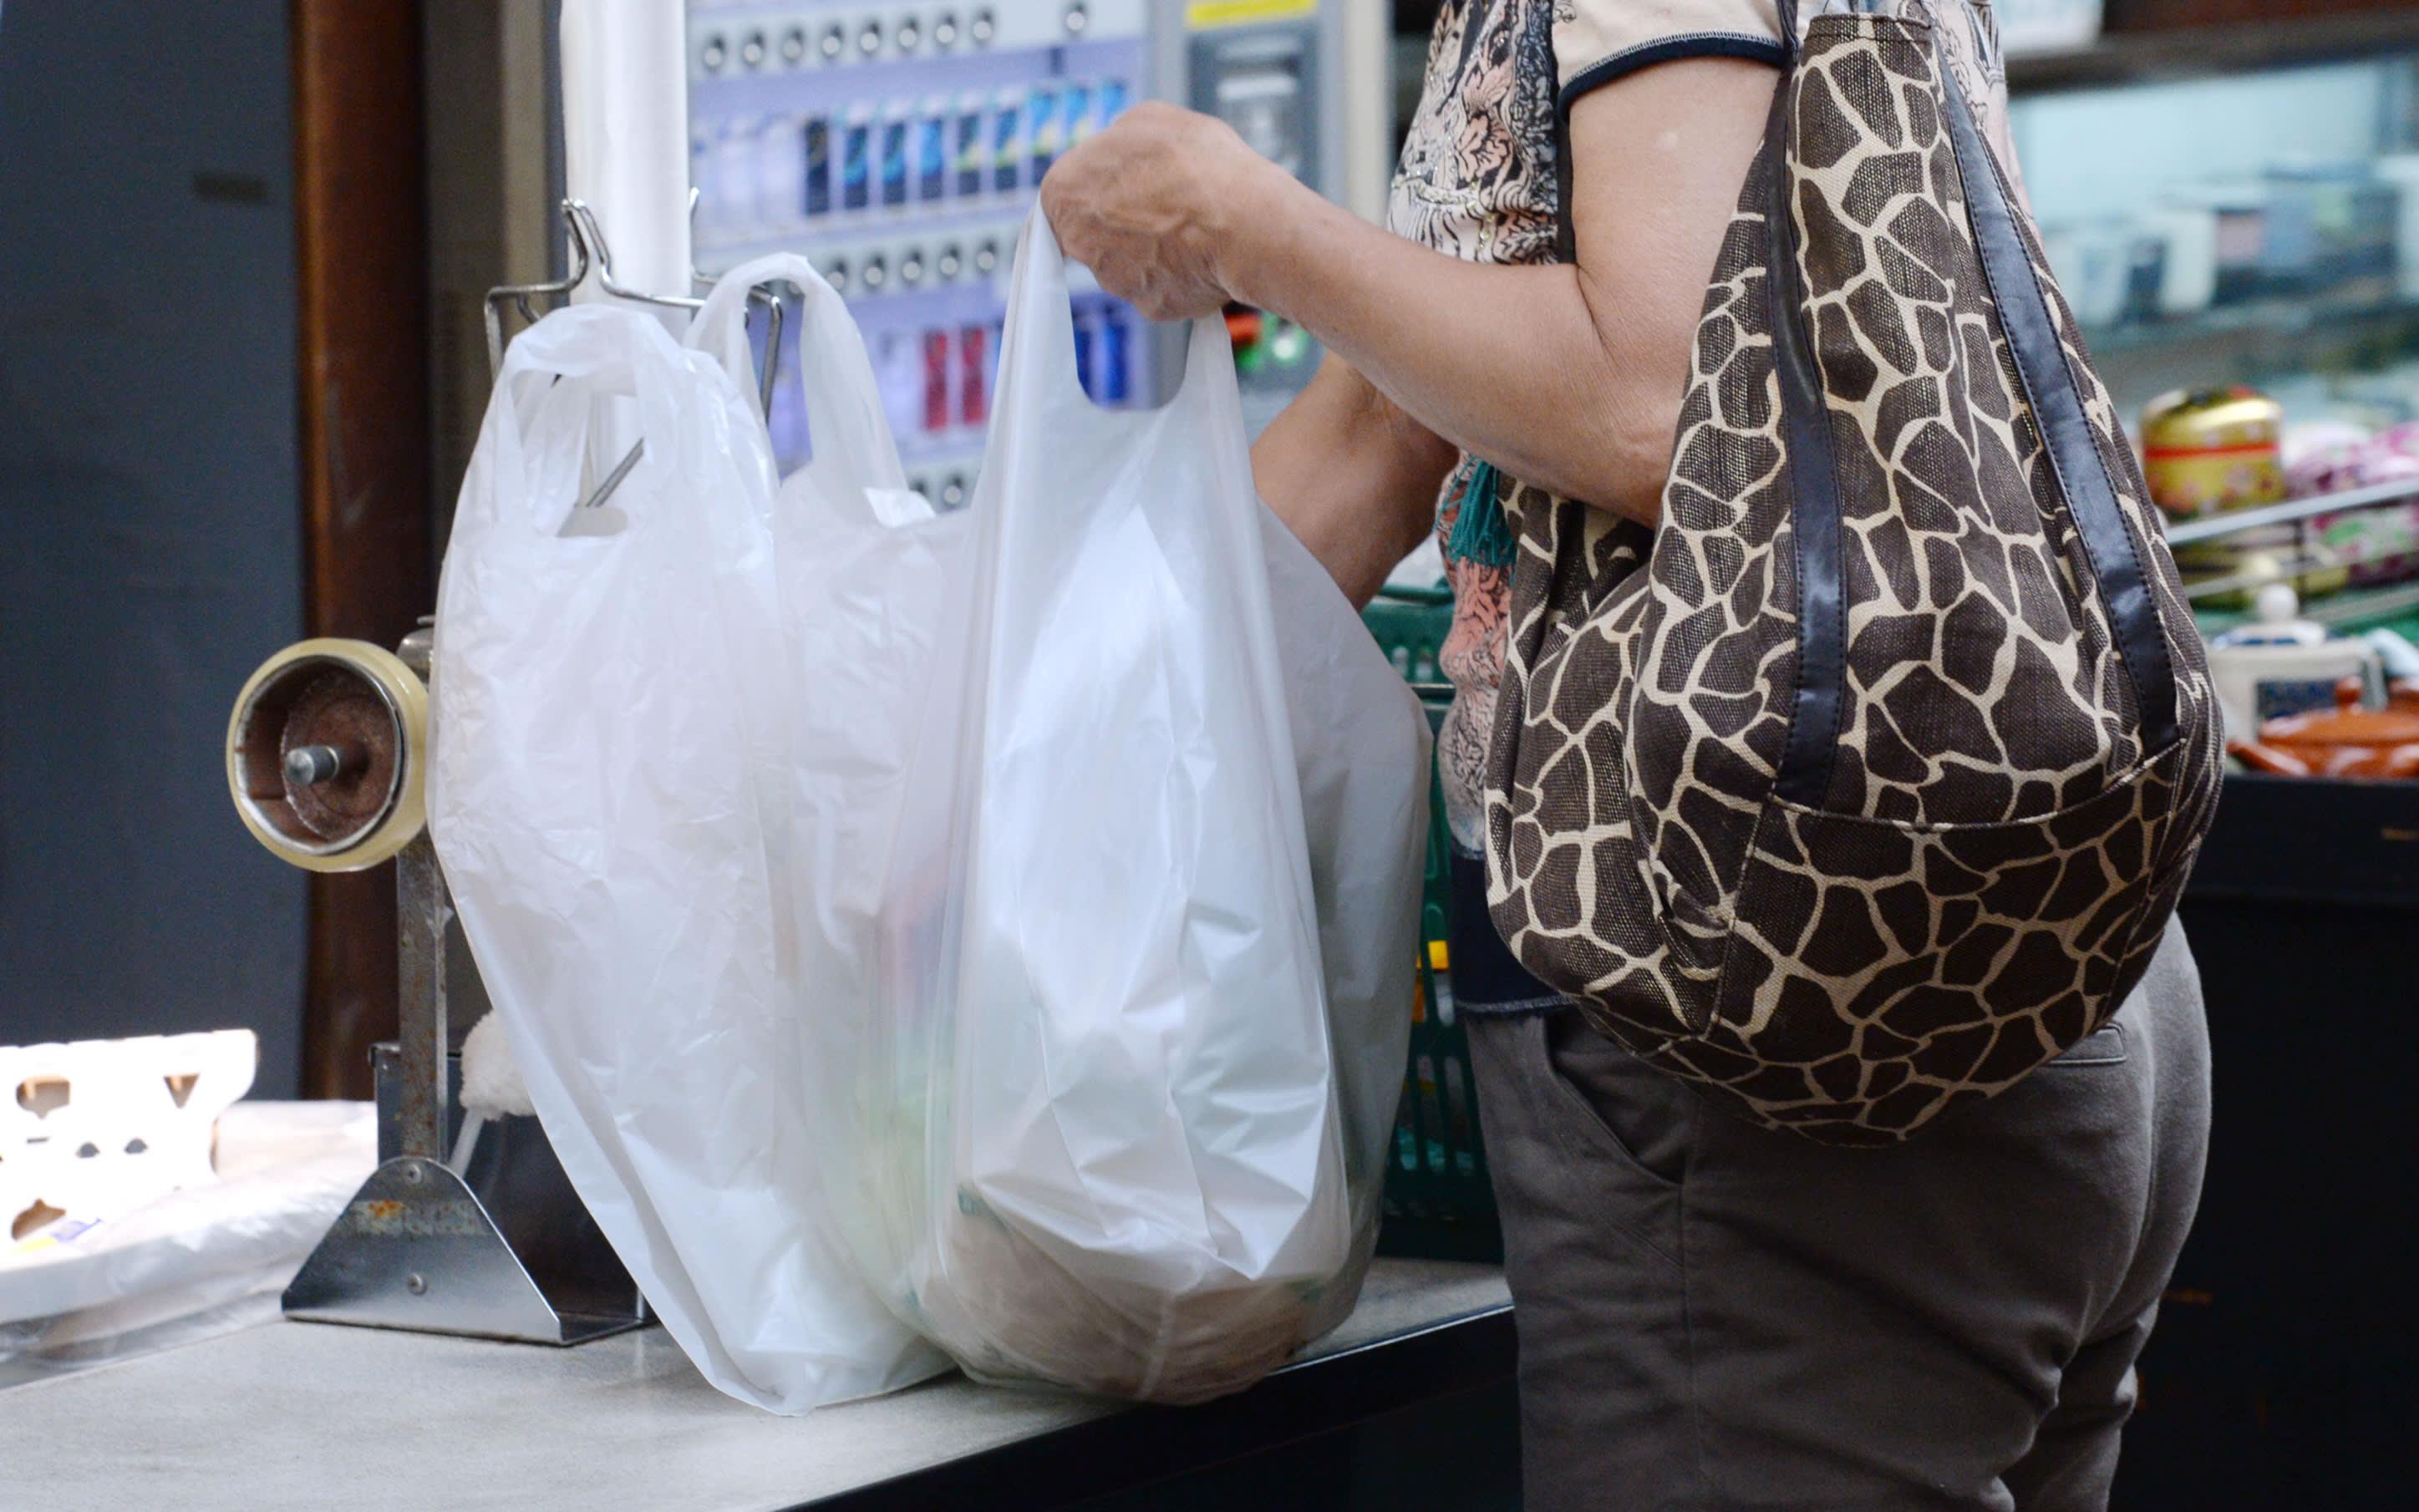 【创科生活】日企业研发海水可分解胶袋 半年变成水